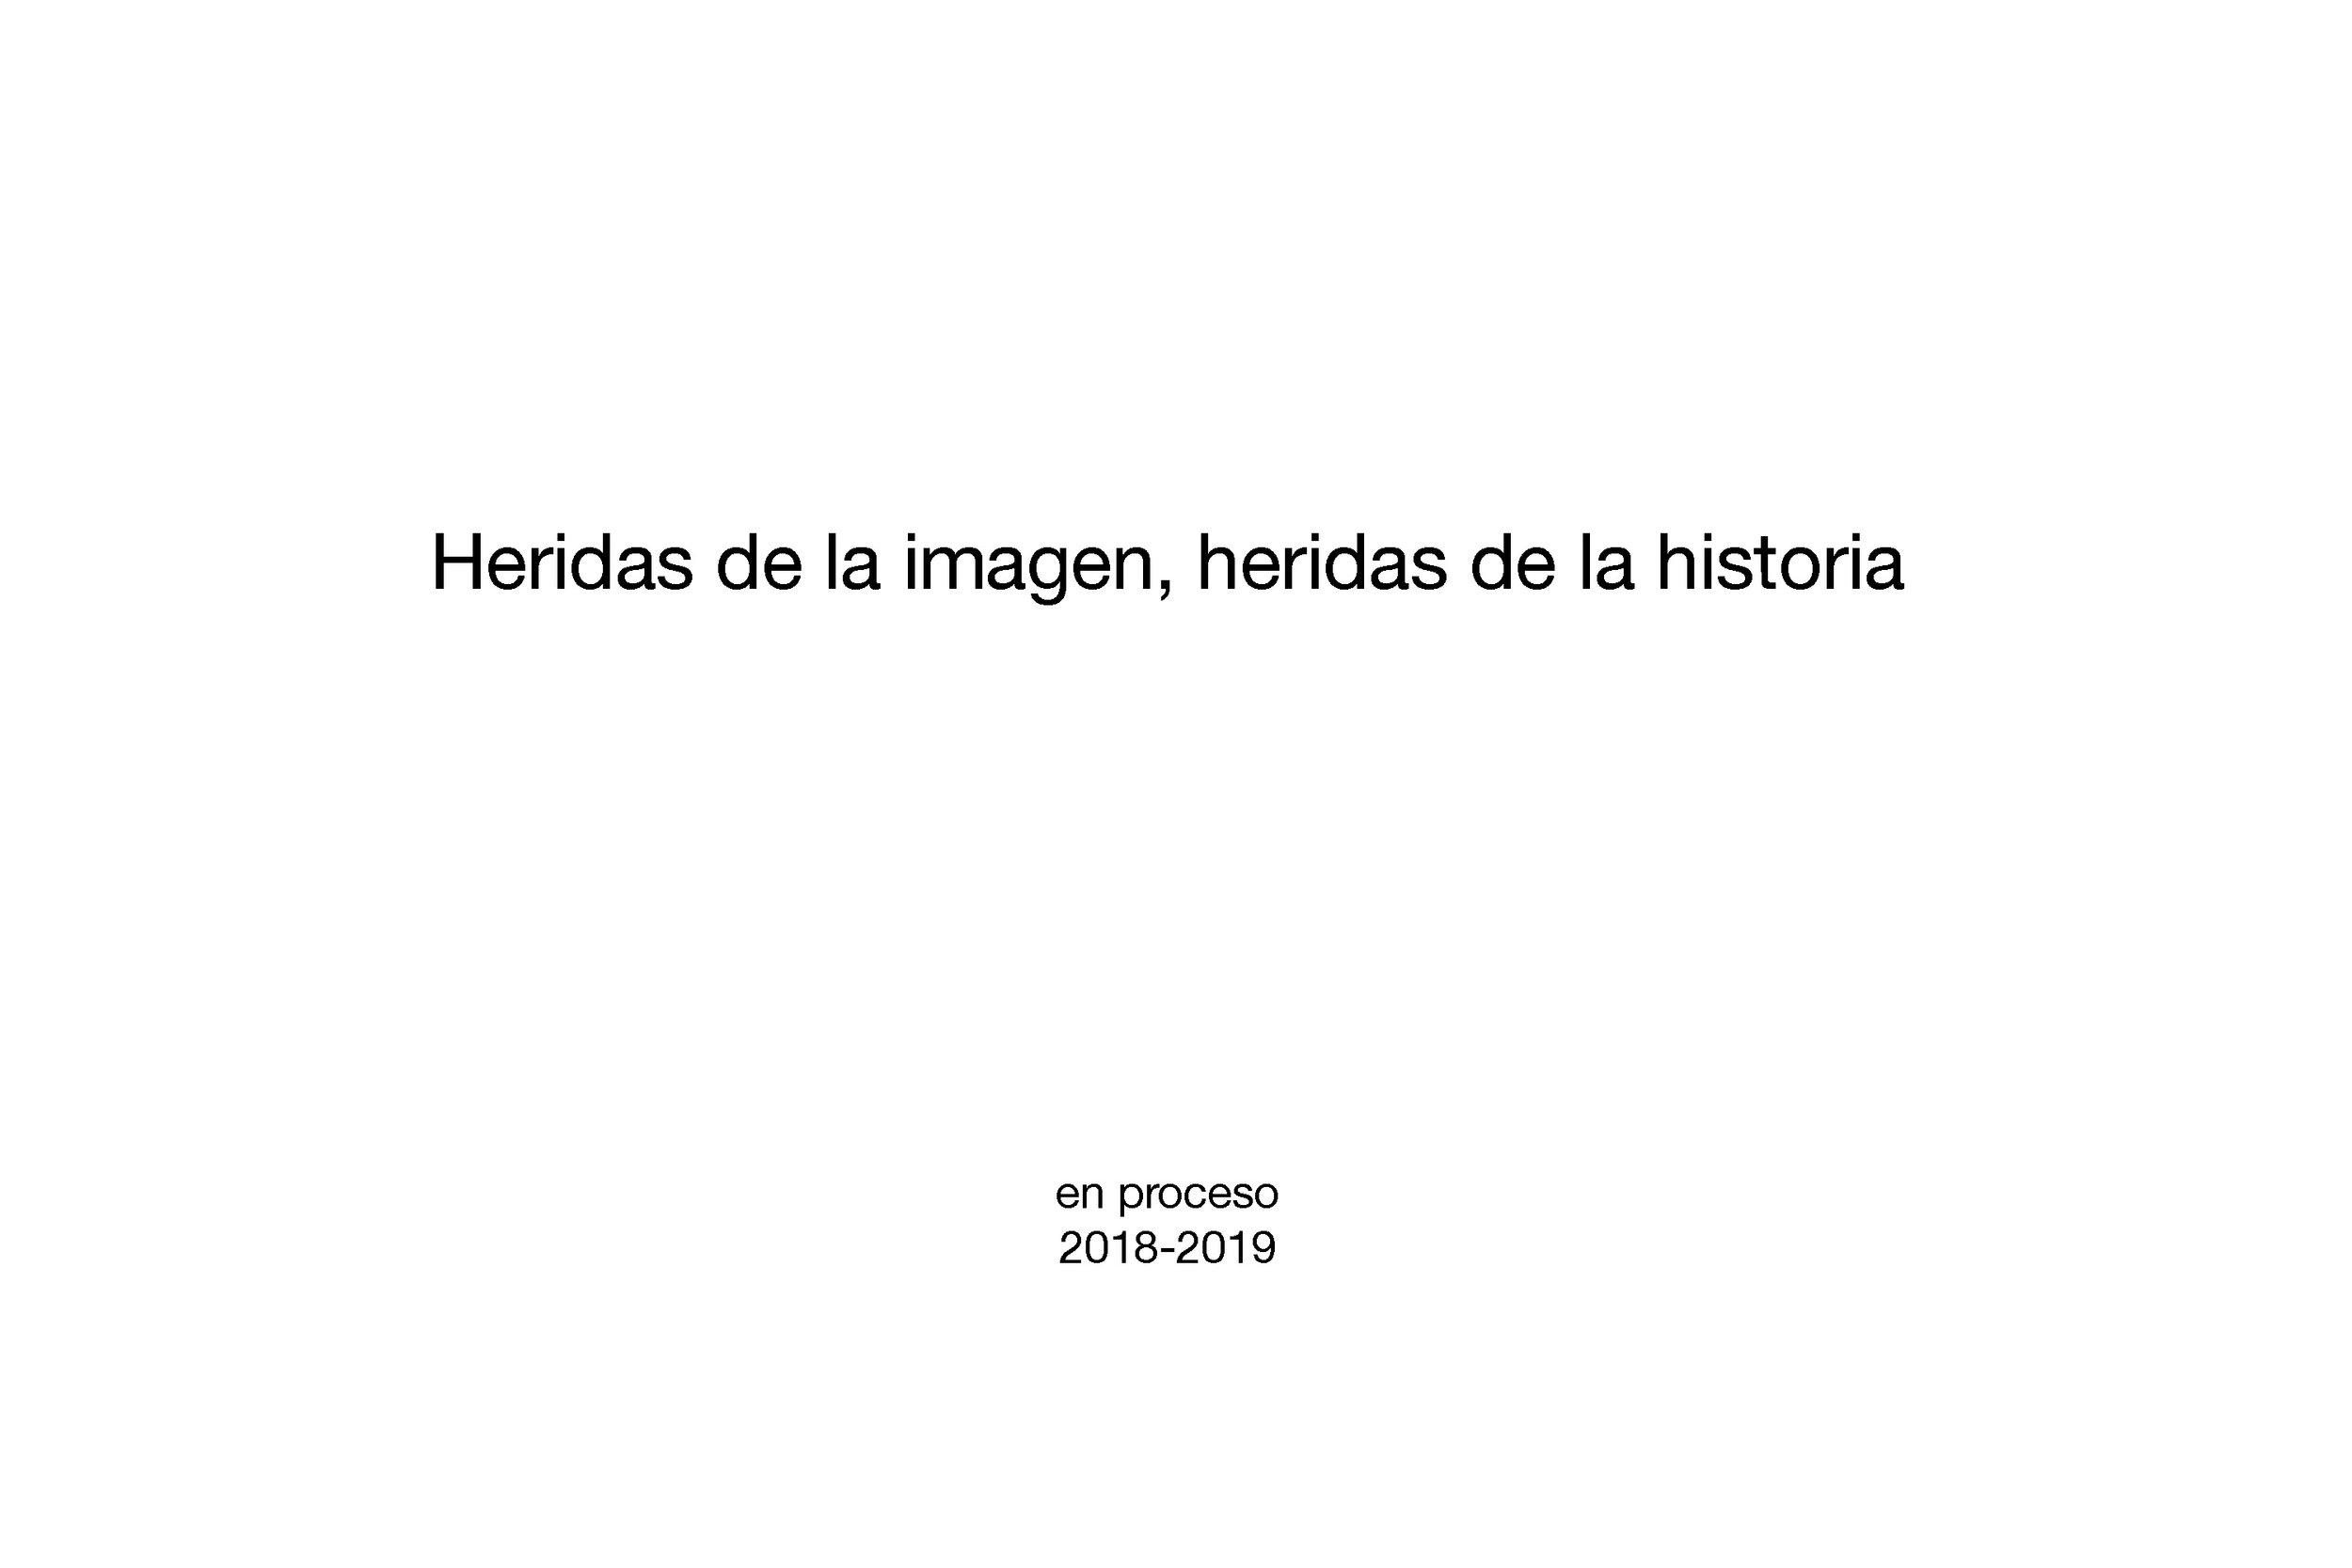 HERIDAS DE LA IMAGEN (pruebas) 001.jpg